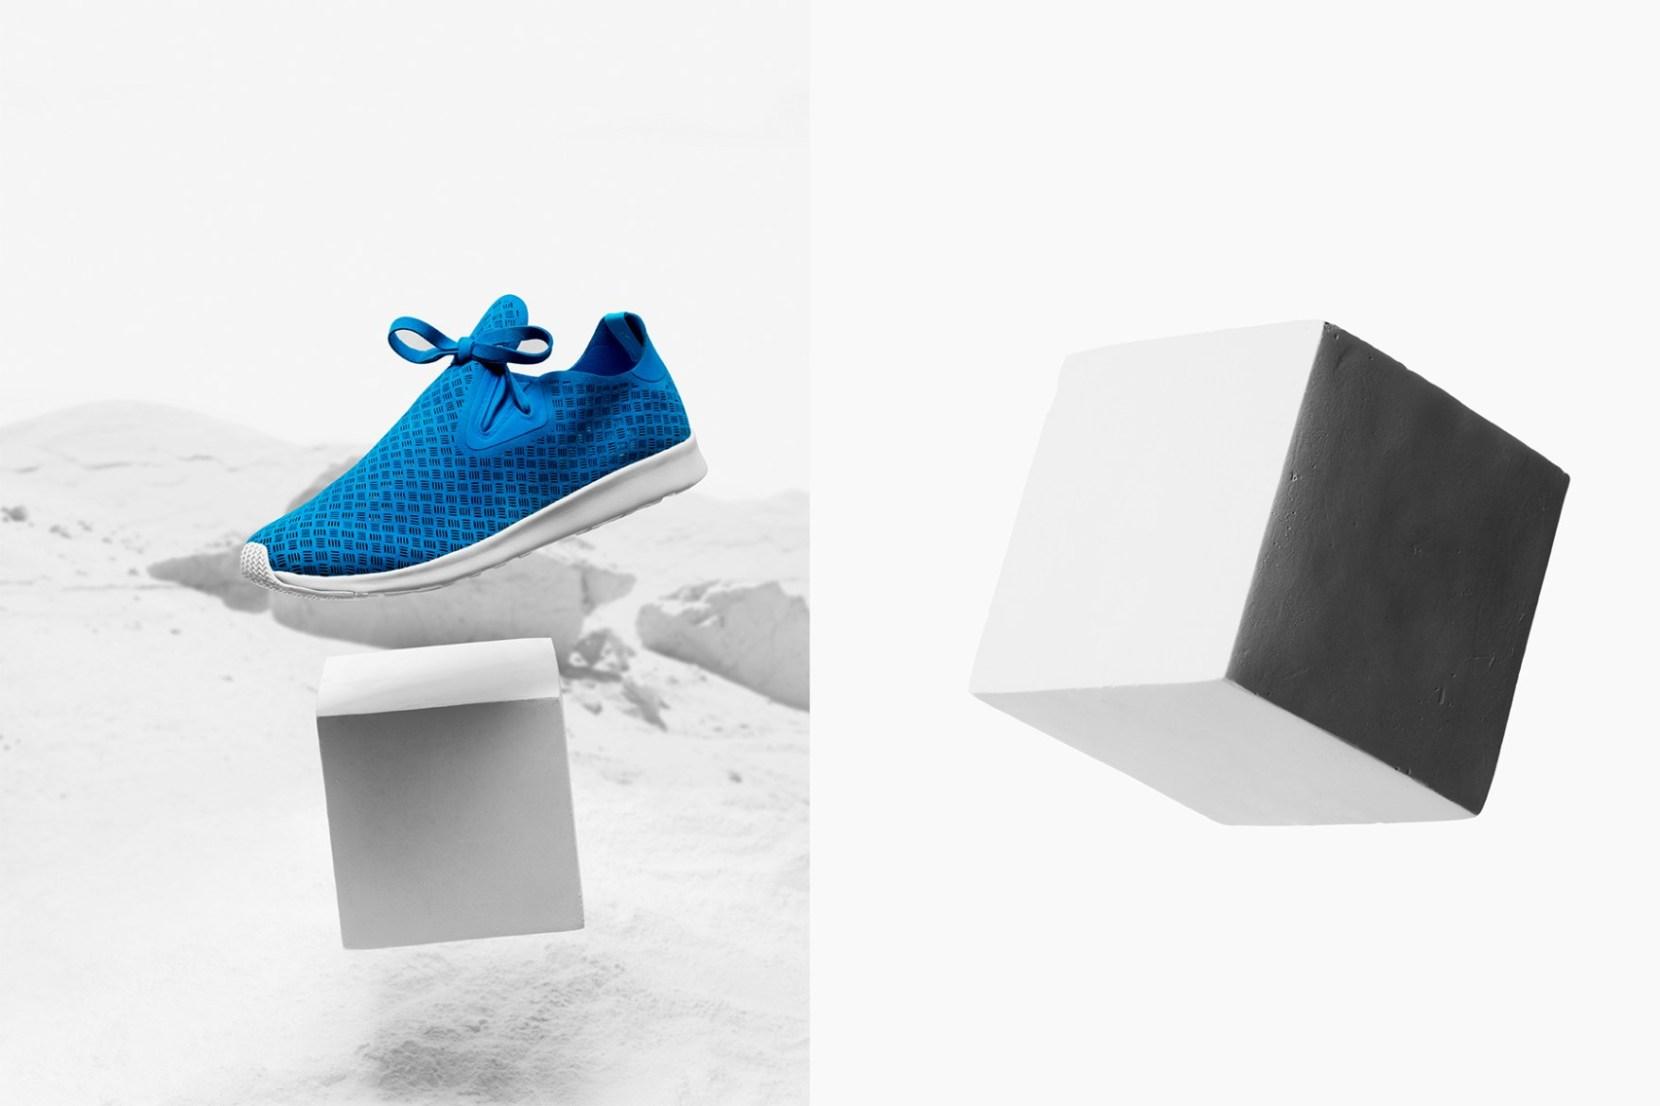 native-shoes-apollo-moc-xl-5